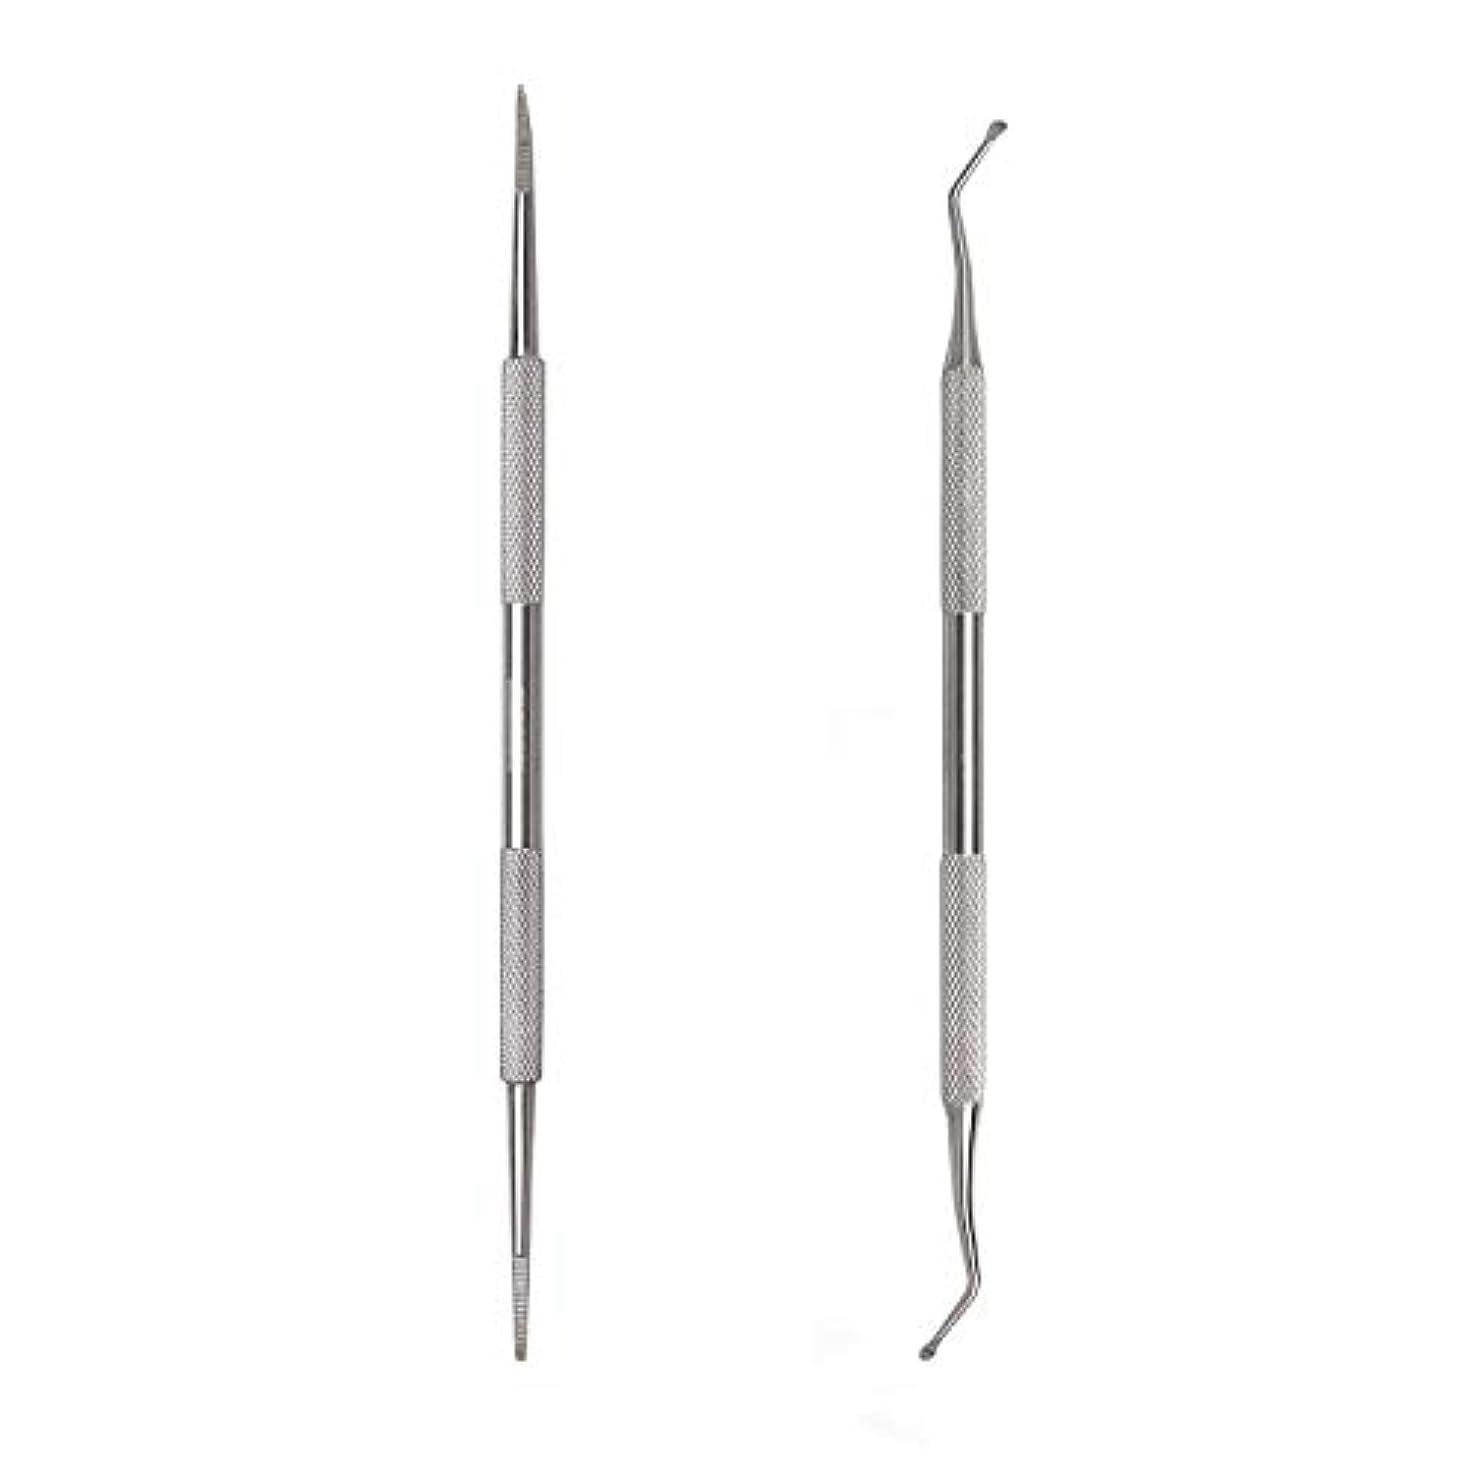 窒素リップペフKingsie 2点セット 爪垢取り 爪リフター 爪やすり ゾンデ ステンレス製 巻き爪 厚い爪 爪ケア フットケア